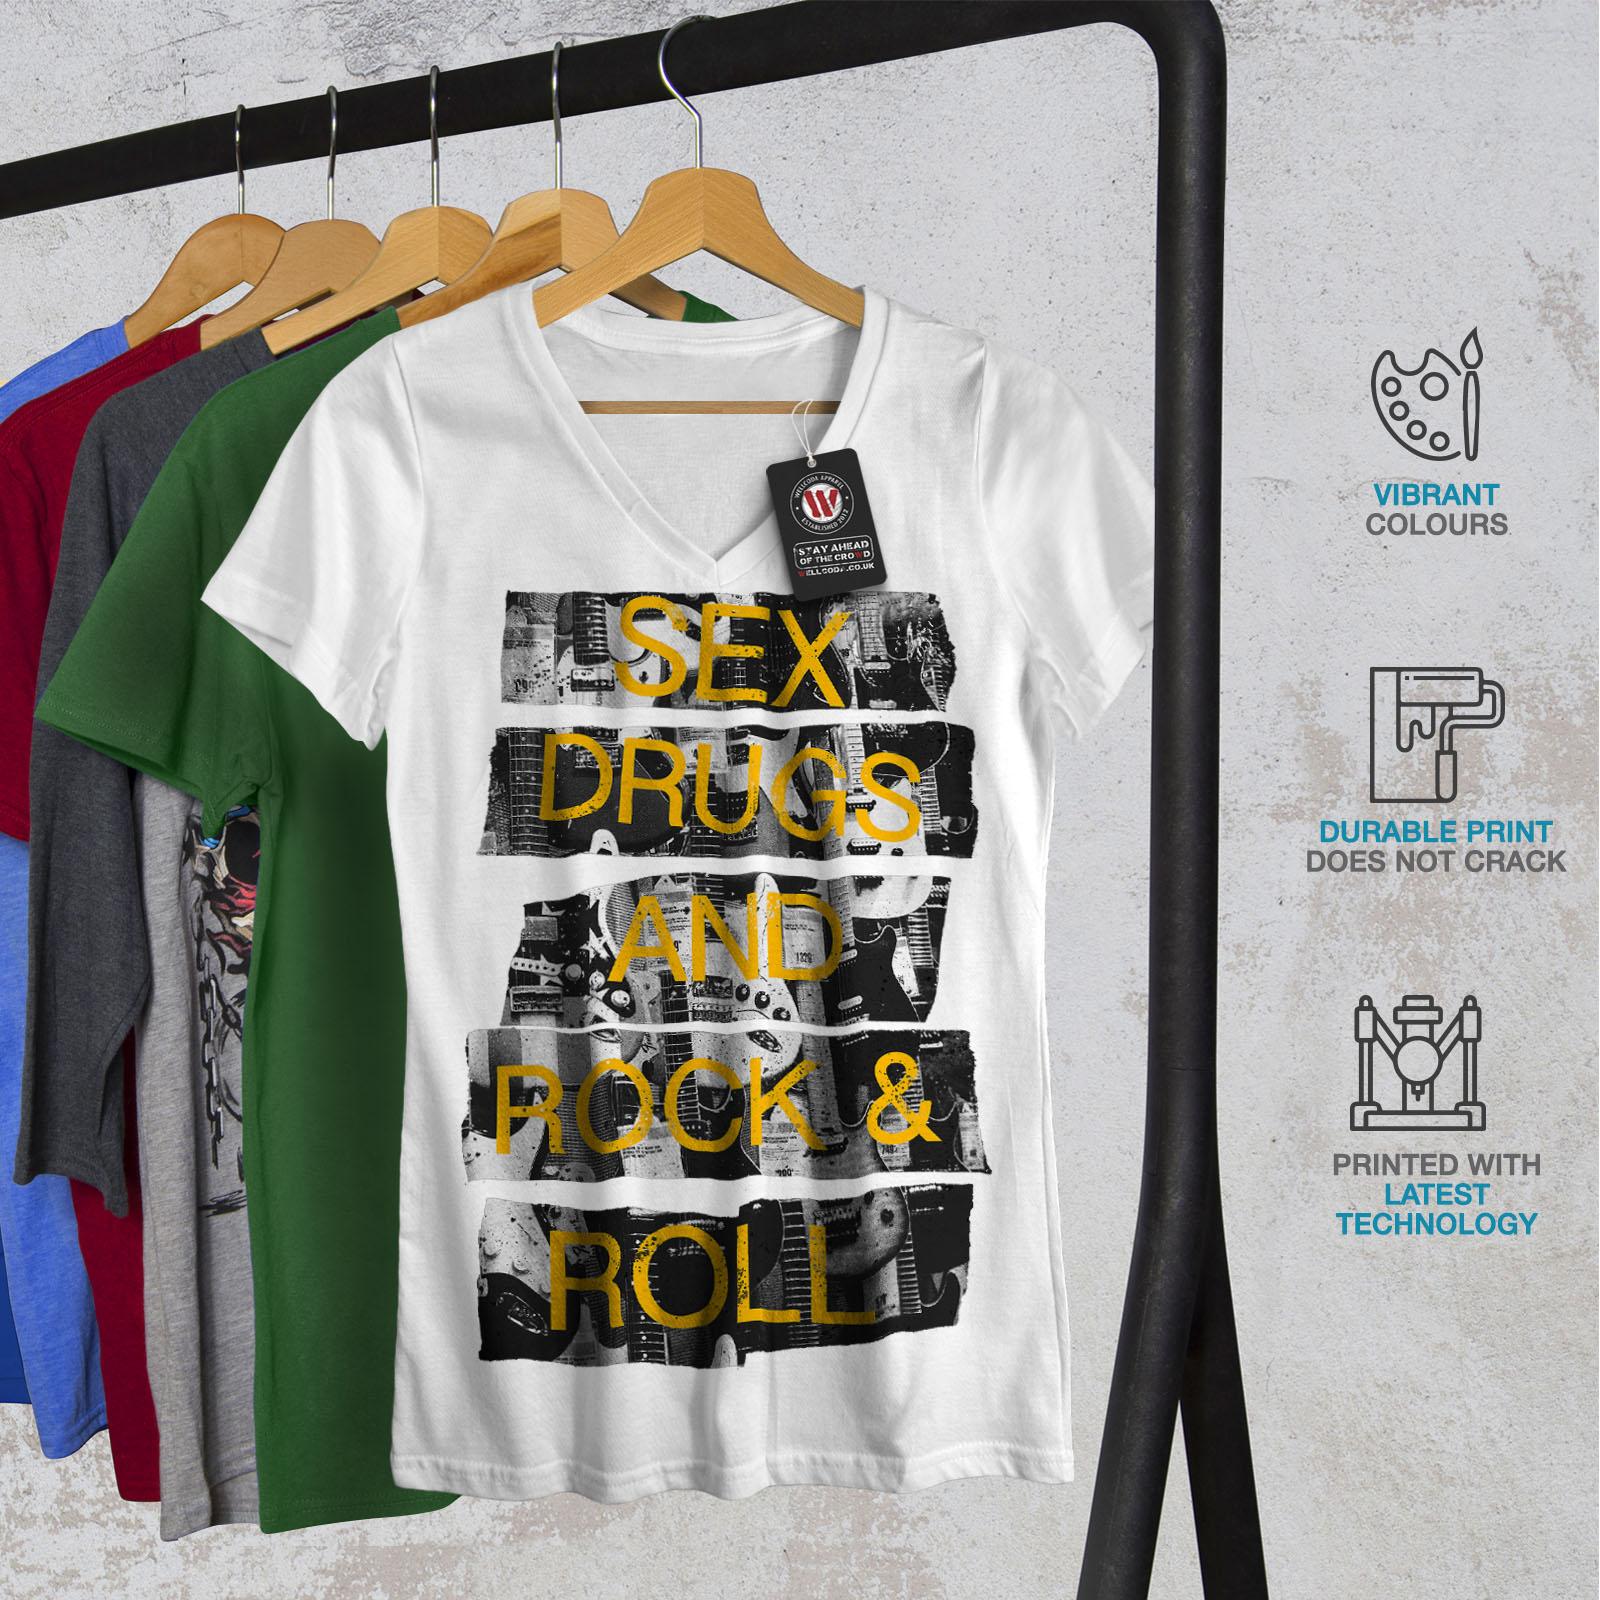 Wellcoda-Sex-Drugs-Rock-Roll-Damen-V-Ausschnitt-T-Shirt-freie-Grafik-Tee Indexbild 8